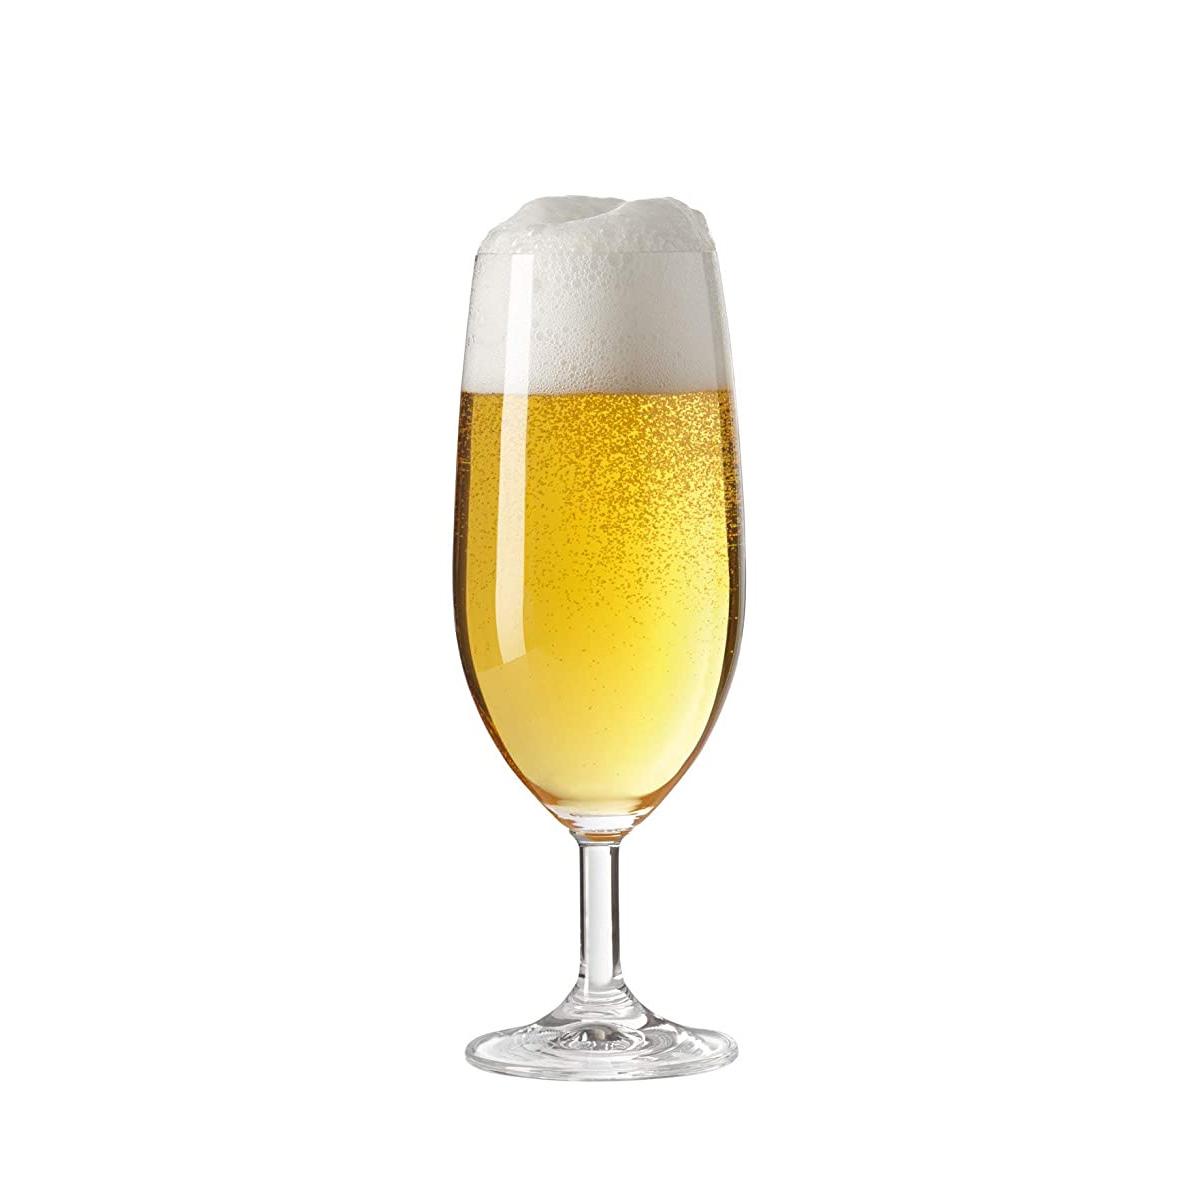 Čaša za pivo Daily 63318